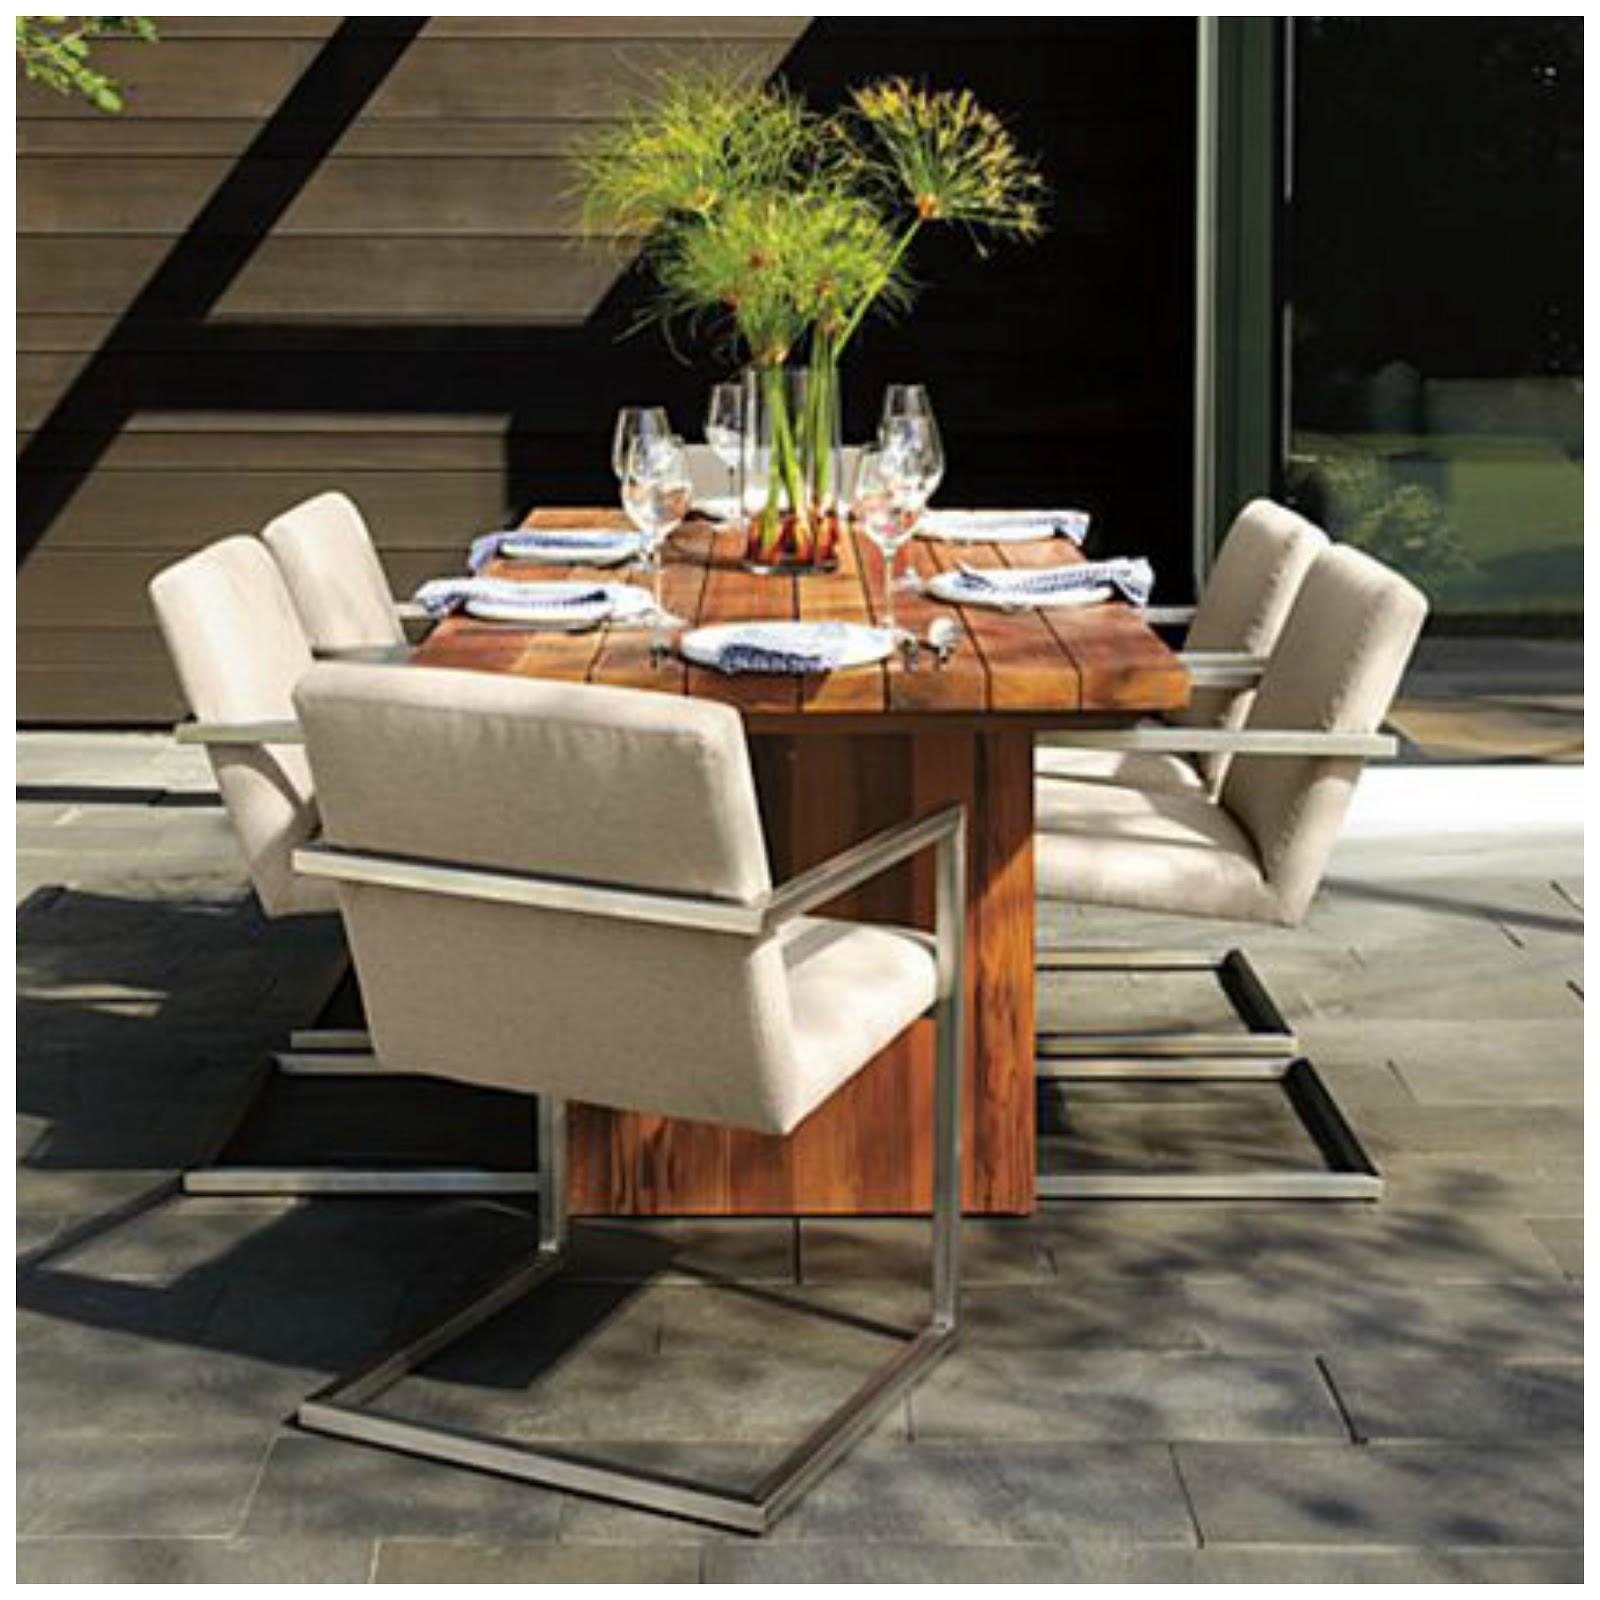 get the scoop on zen mod outdoor living from mod design guru